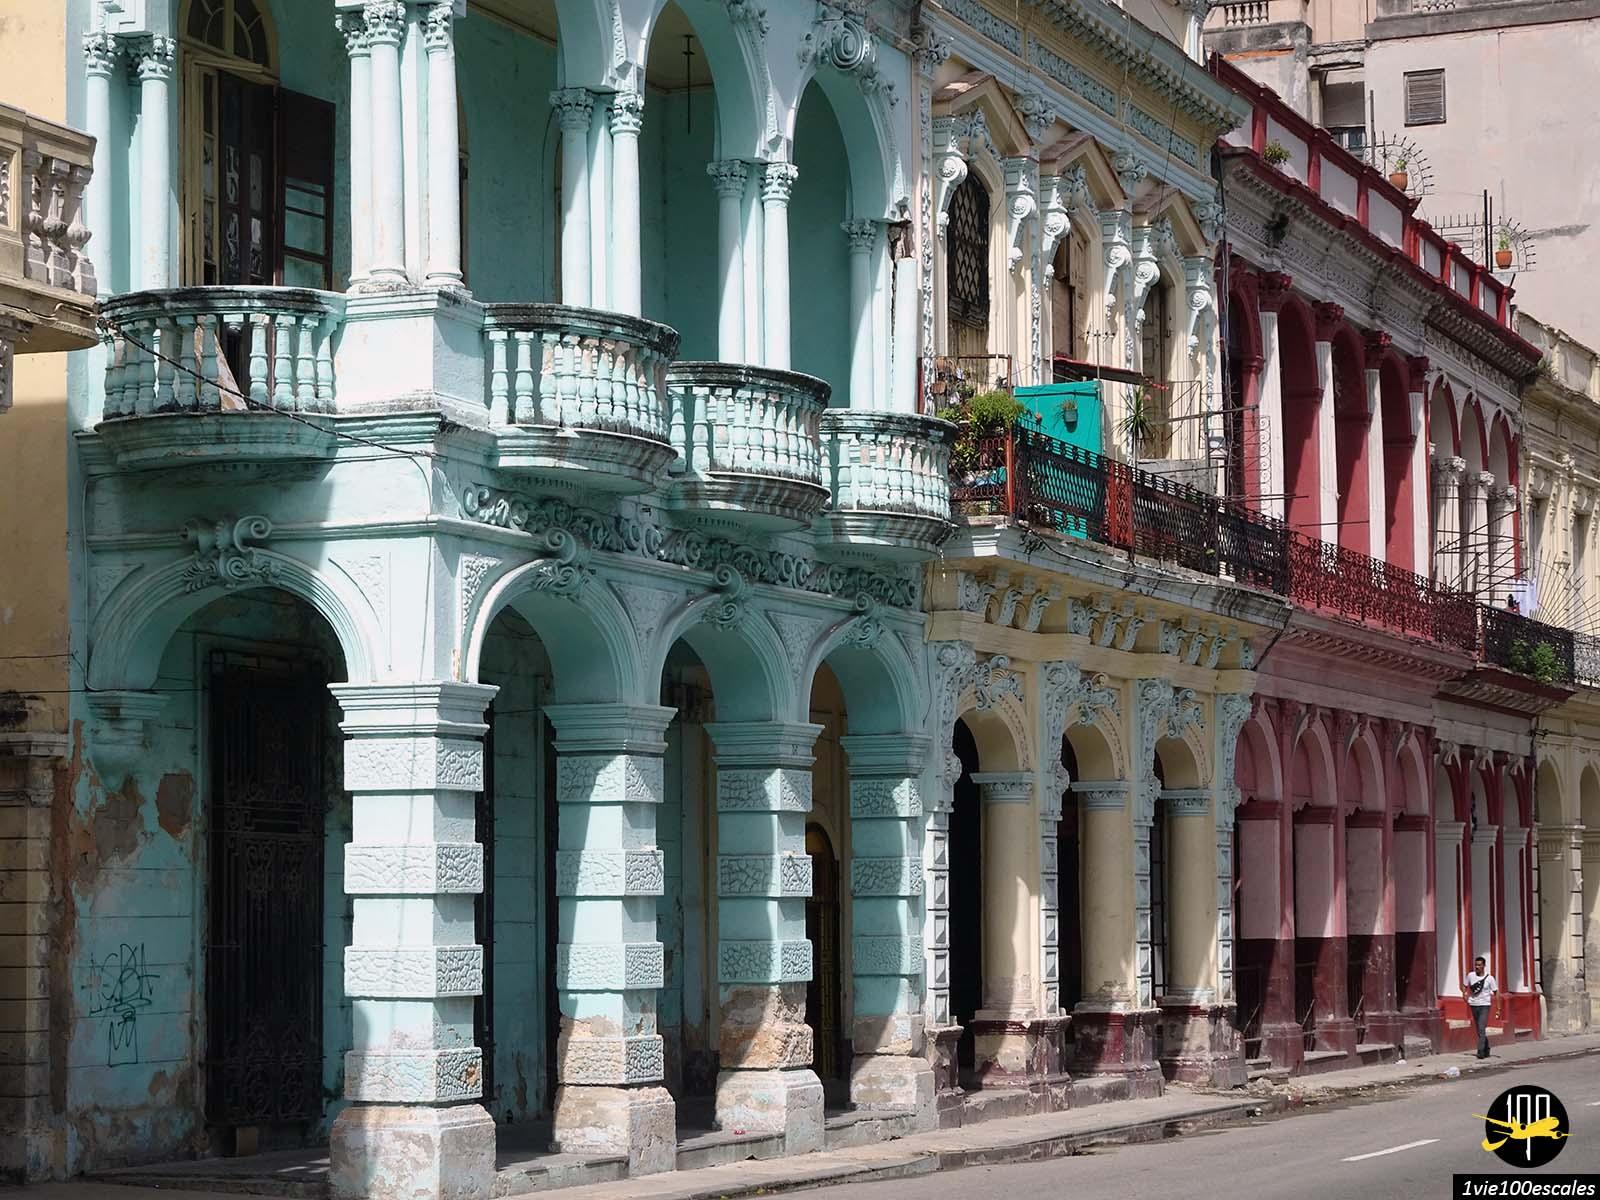 La Havane et ses célèbres arcades colorées